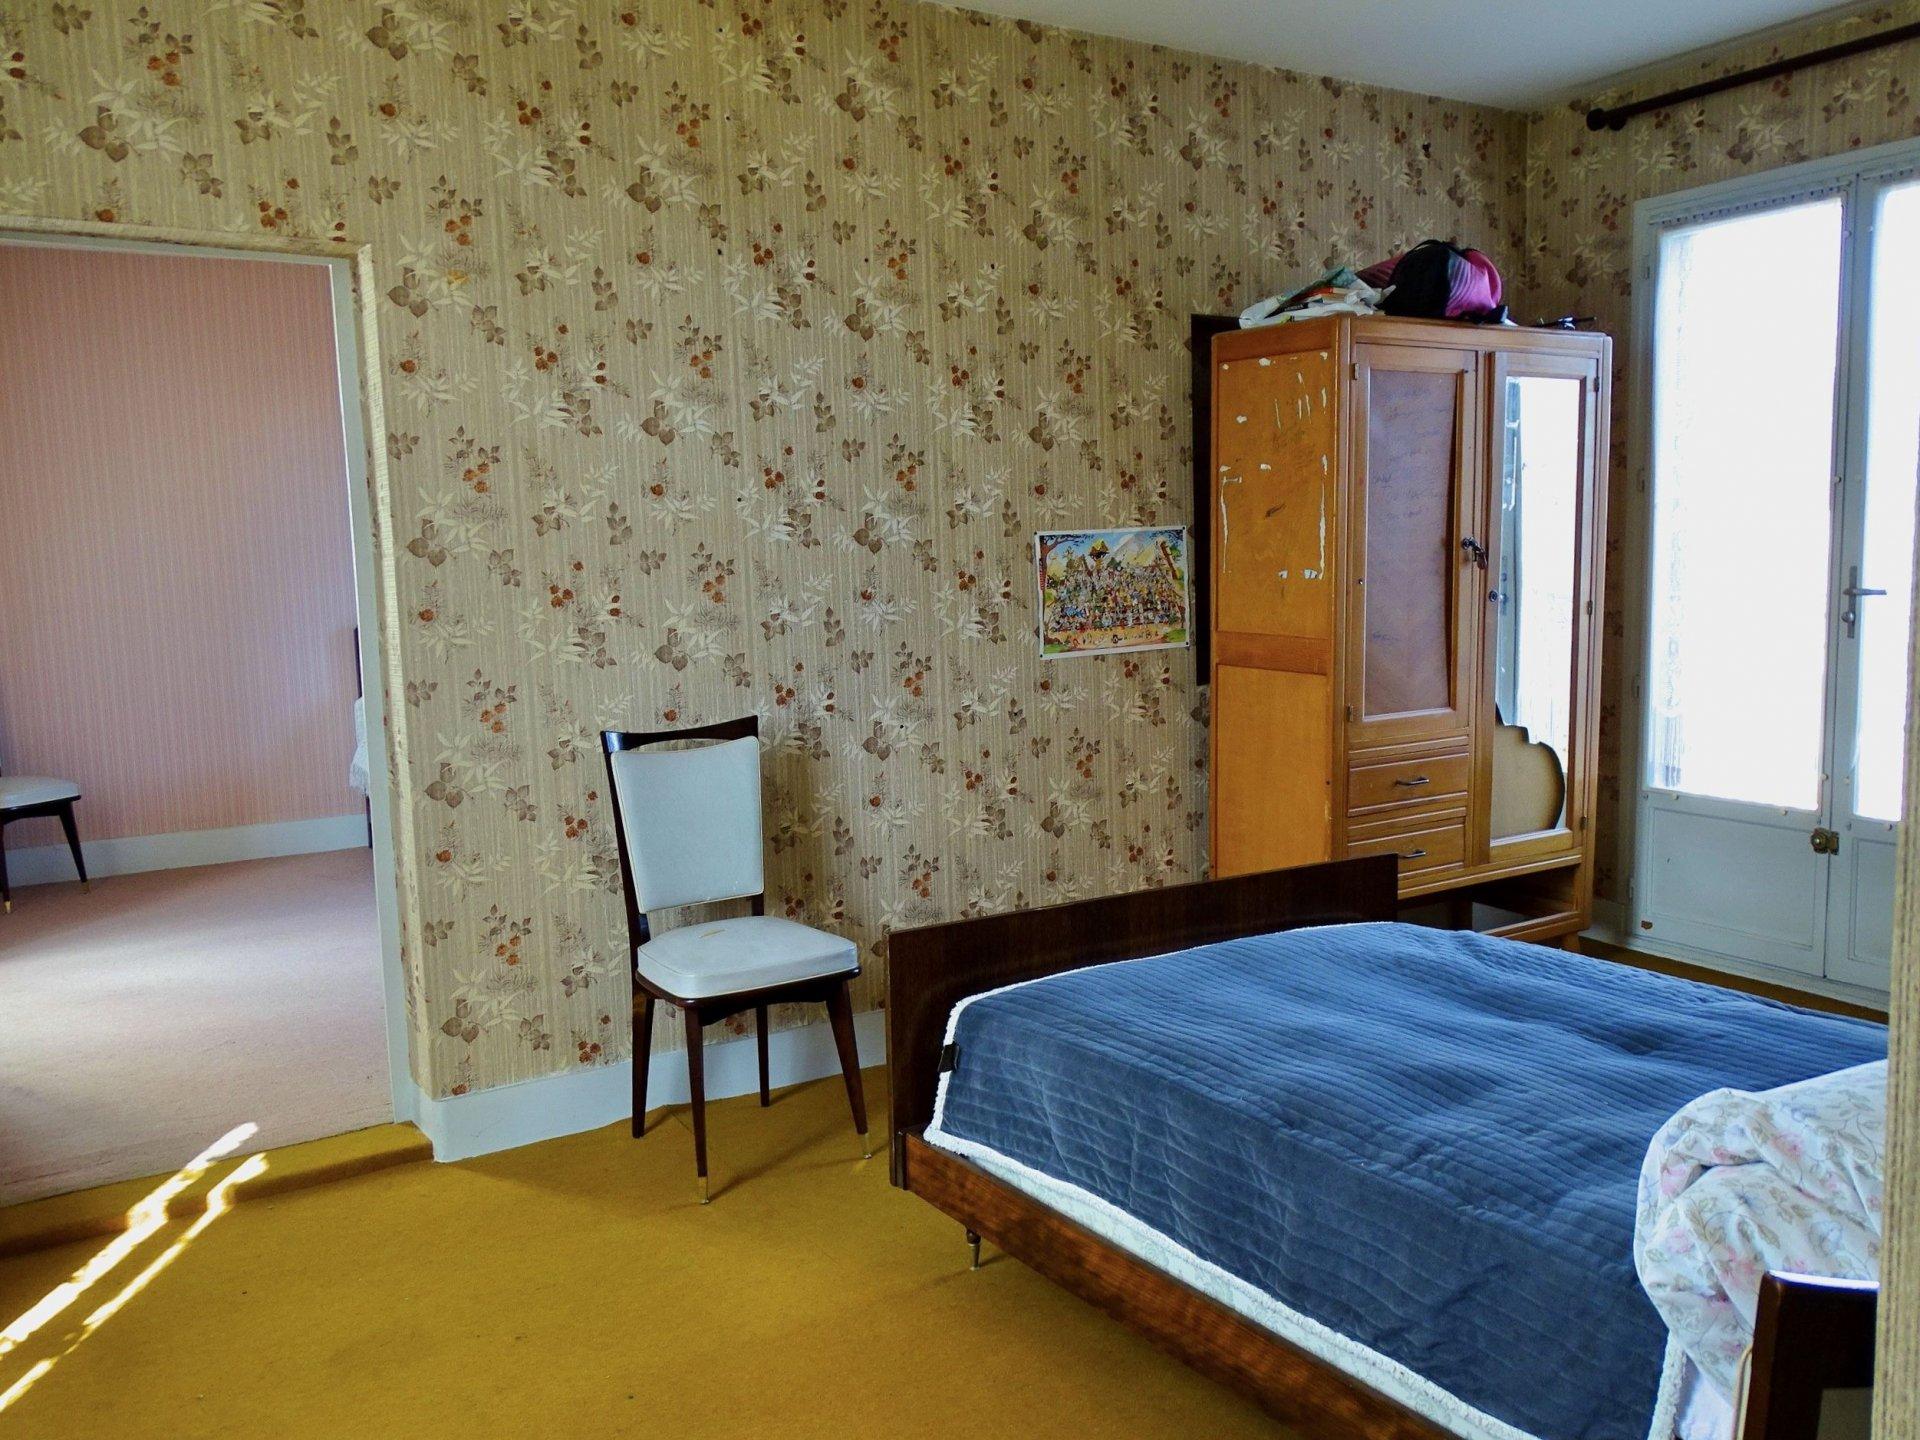 Chaintré, 10 min sud ouest Mâconnais, au calme, découvrez cette belle maison en pierre à rénover d'une surface habitable de 145 m² environ. Elle dispose d'une entrée qui dessert une cuisine et un séjour. A l'étage (demi niveau) vous trouverez une chambre, une salle de bains et un toilette séparée. L'étage supérieur offre 3 vastes chambres dont l'une d'elles s'ouvre sur une petite terrasse avec une belle vue. Des greniers et dépendances offrent la possibilité d'aménager 140 m² supplémentaire!! Un garage de 67 m² ainsi qu'une chaufferie de 21 m² complètent ce bien.  Bonus: une cour intérieure sans vis à vis et un jardin non attenant de 100 m² vous permettra d'aménager un joli potager. Maison de caractère offrant de belles possibilités aussi bien pour de la résidence principale que secondaire. A découvrir sans tarder. Honoraires à la charge du vendeur.